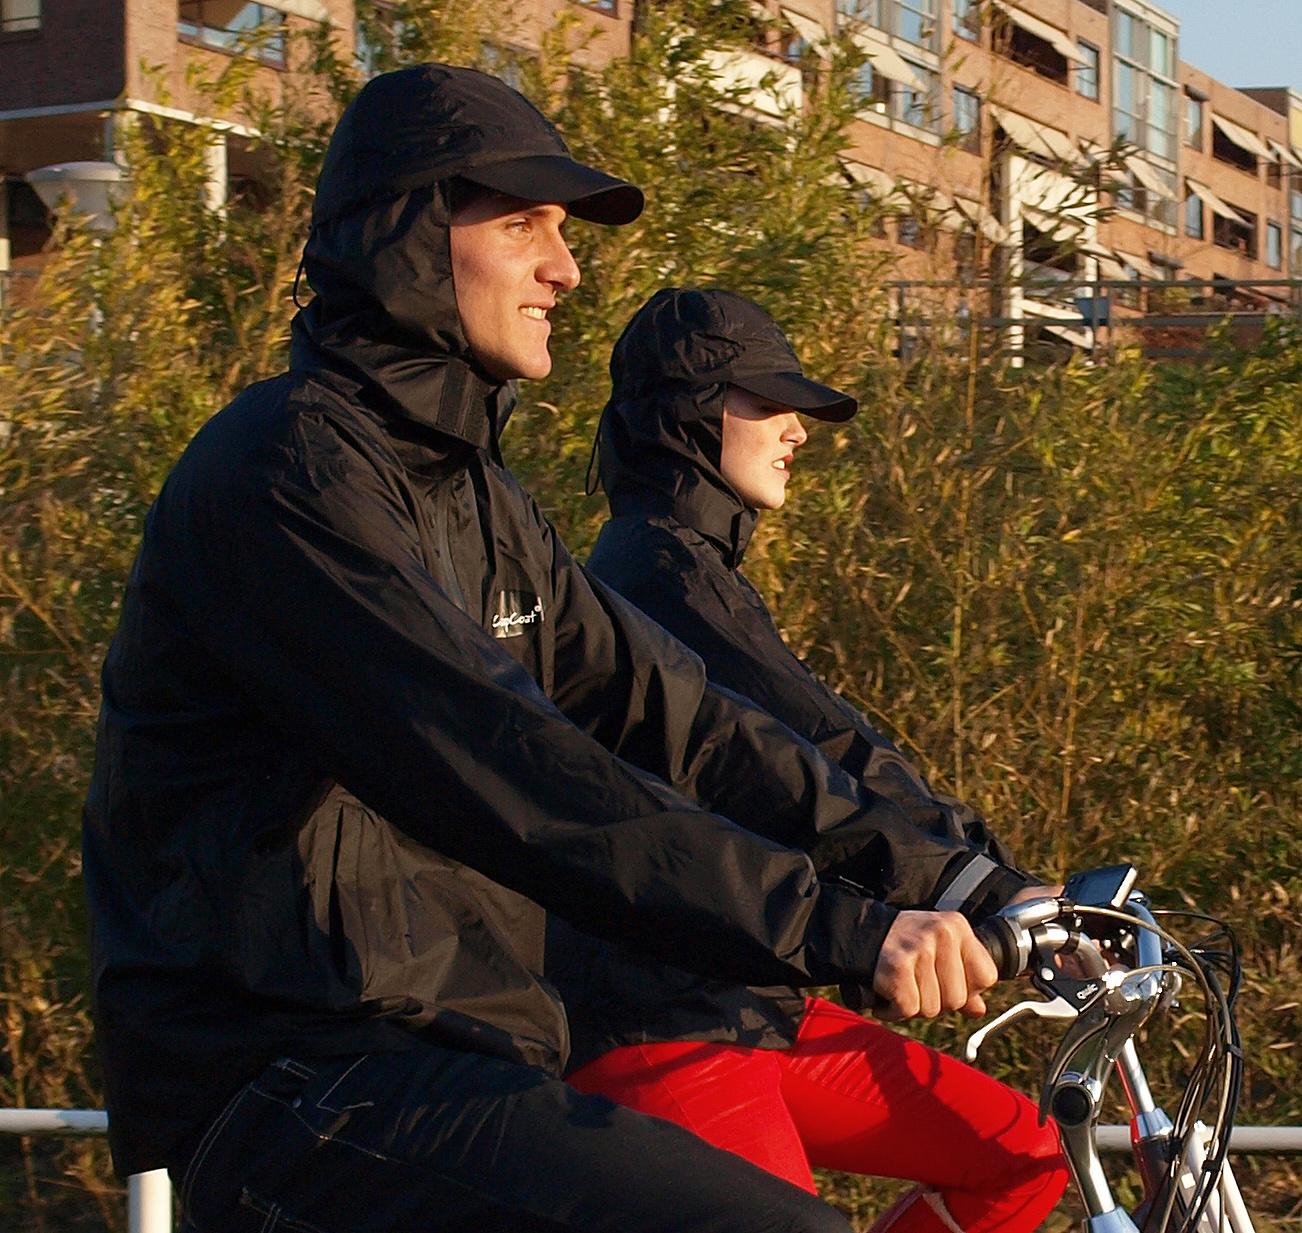 ccapcoat ideaal voor fietsen